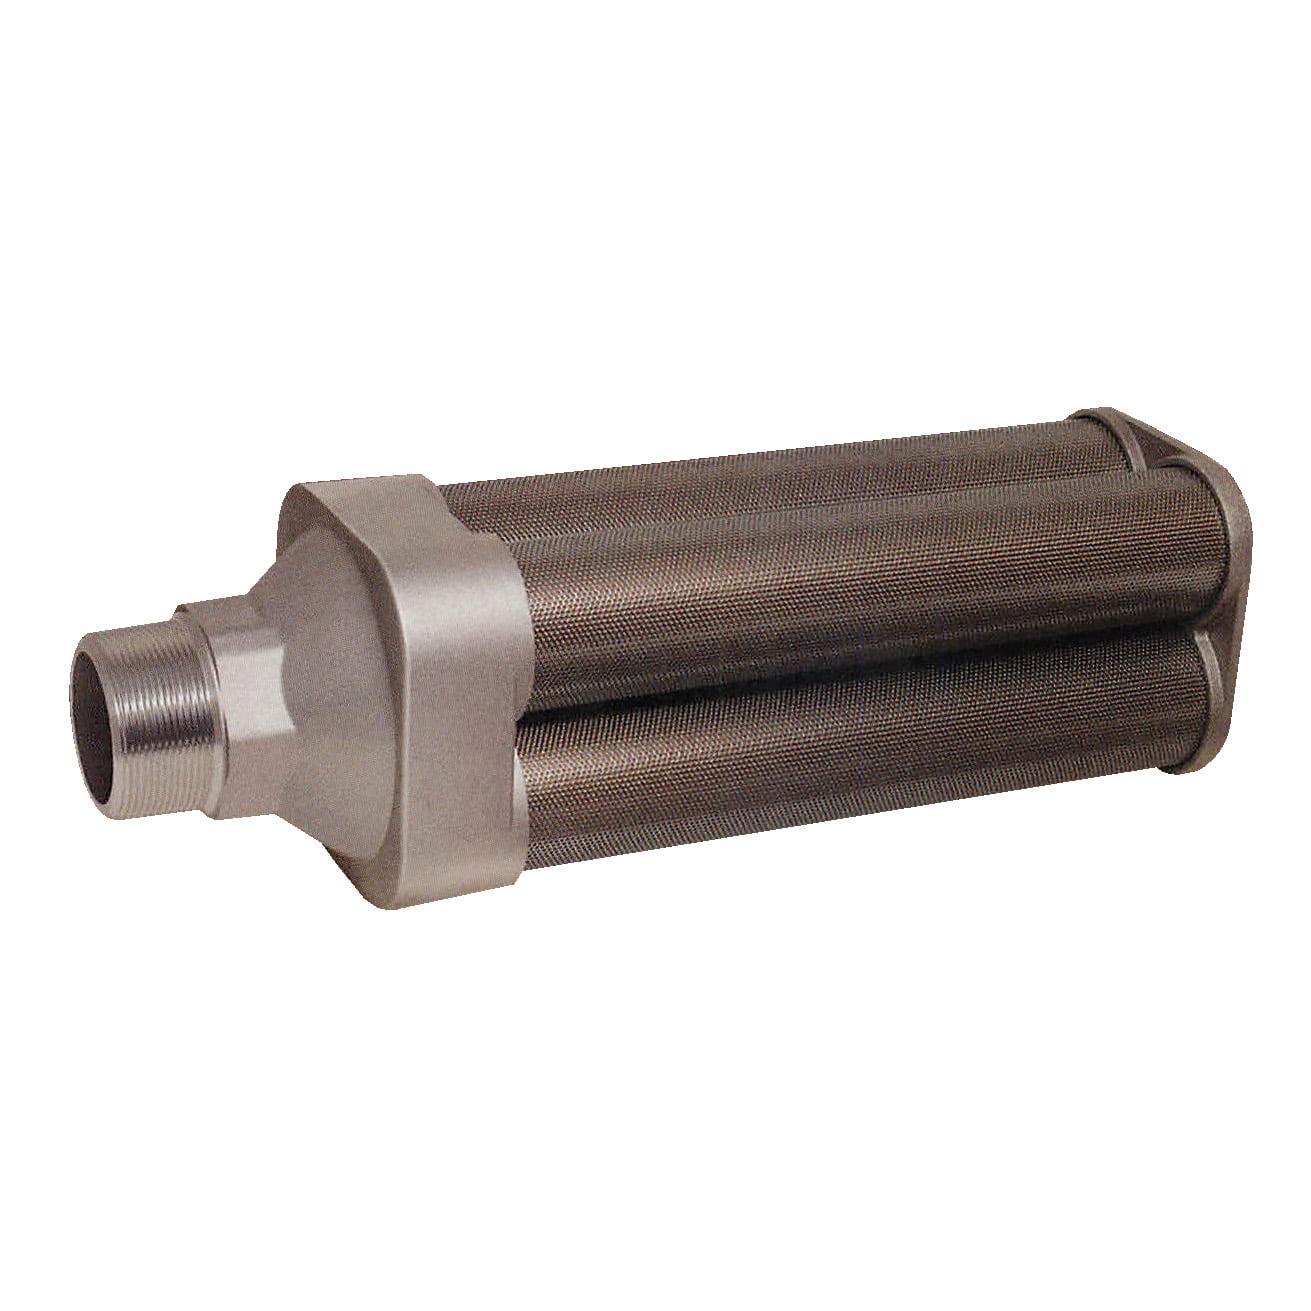 alwitco air exhaust muffler 3 male npt